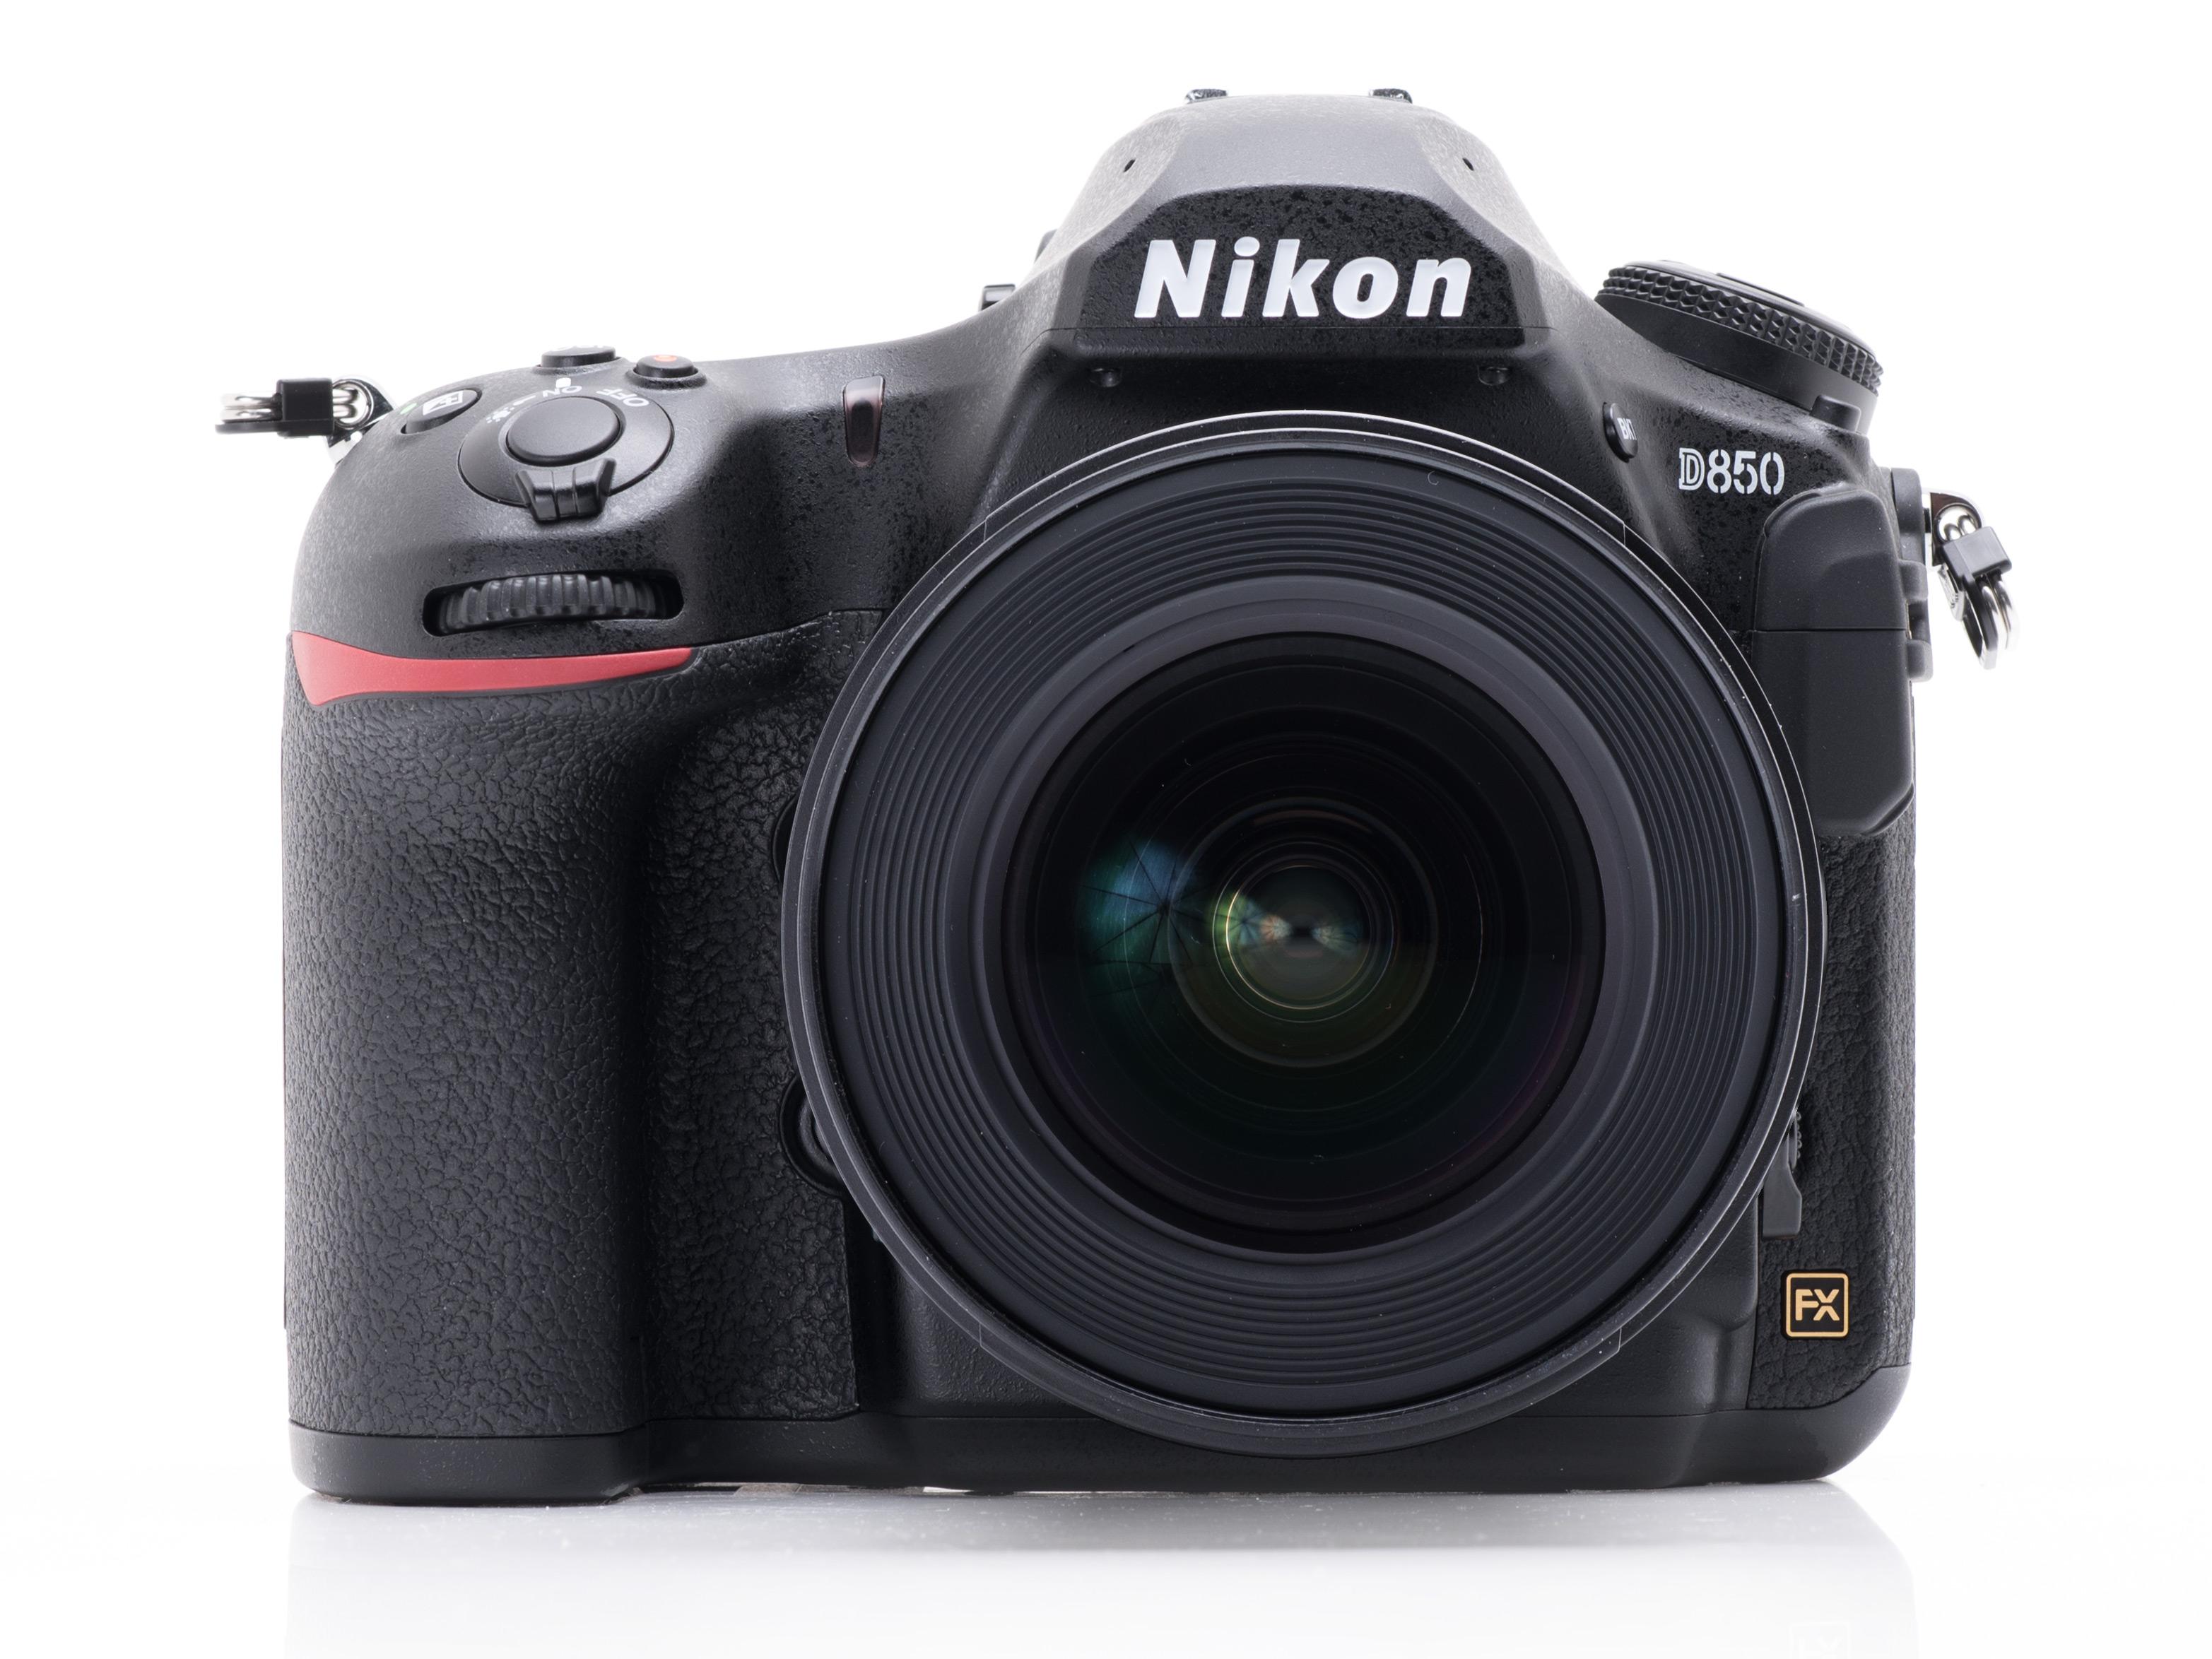 Nikon D850 Yeni Ff D Srl Fotografcafe Net Forums